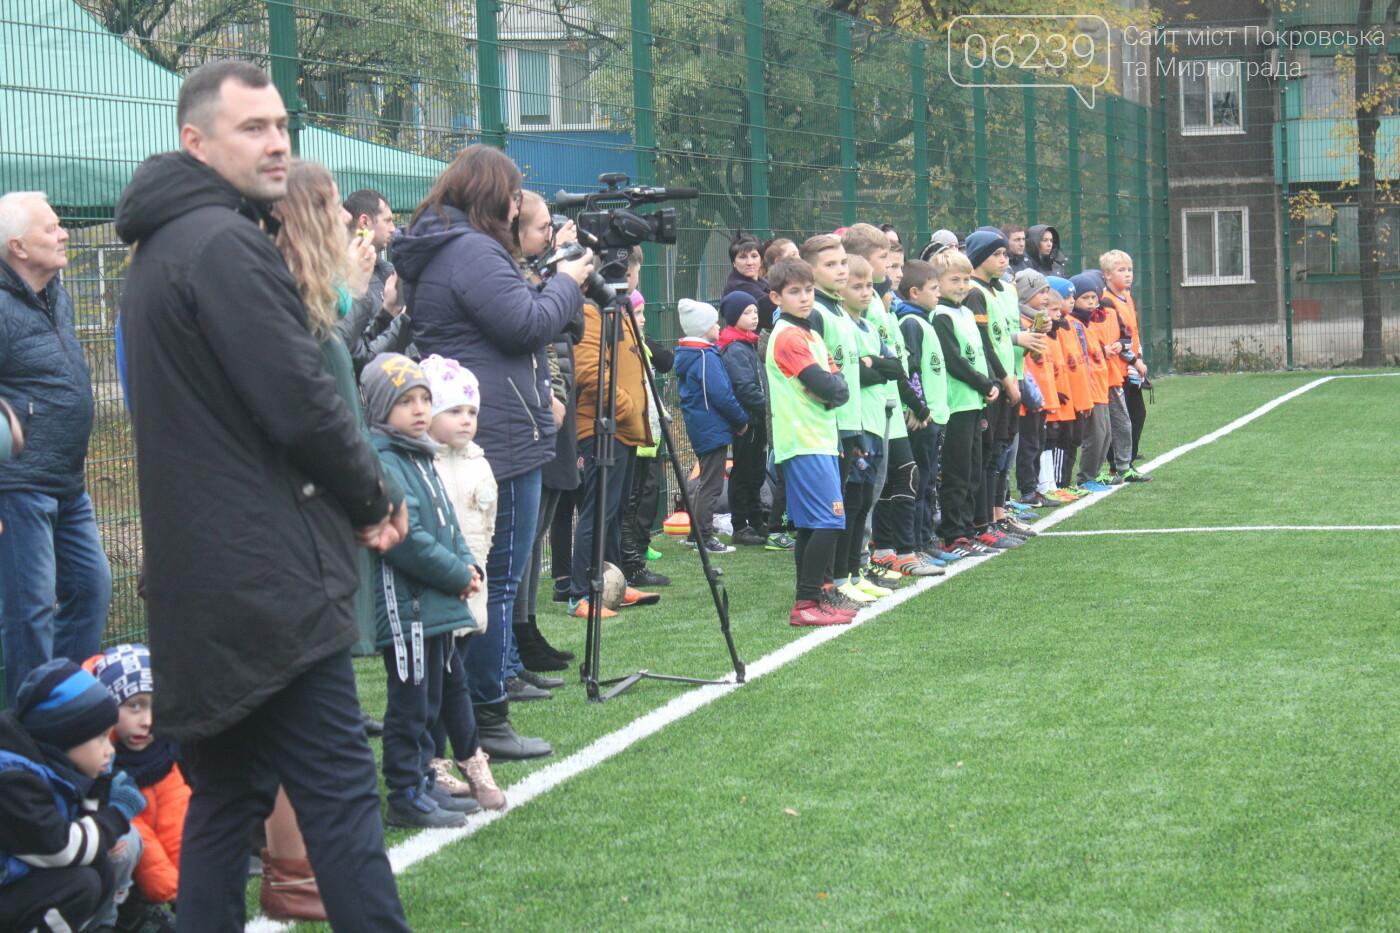 В Мирнограде открыли еще одно футбольное поле с искусственным покрытием, фото-1